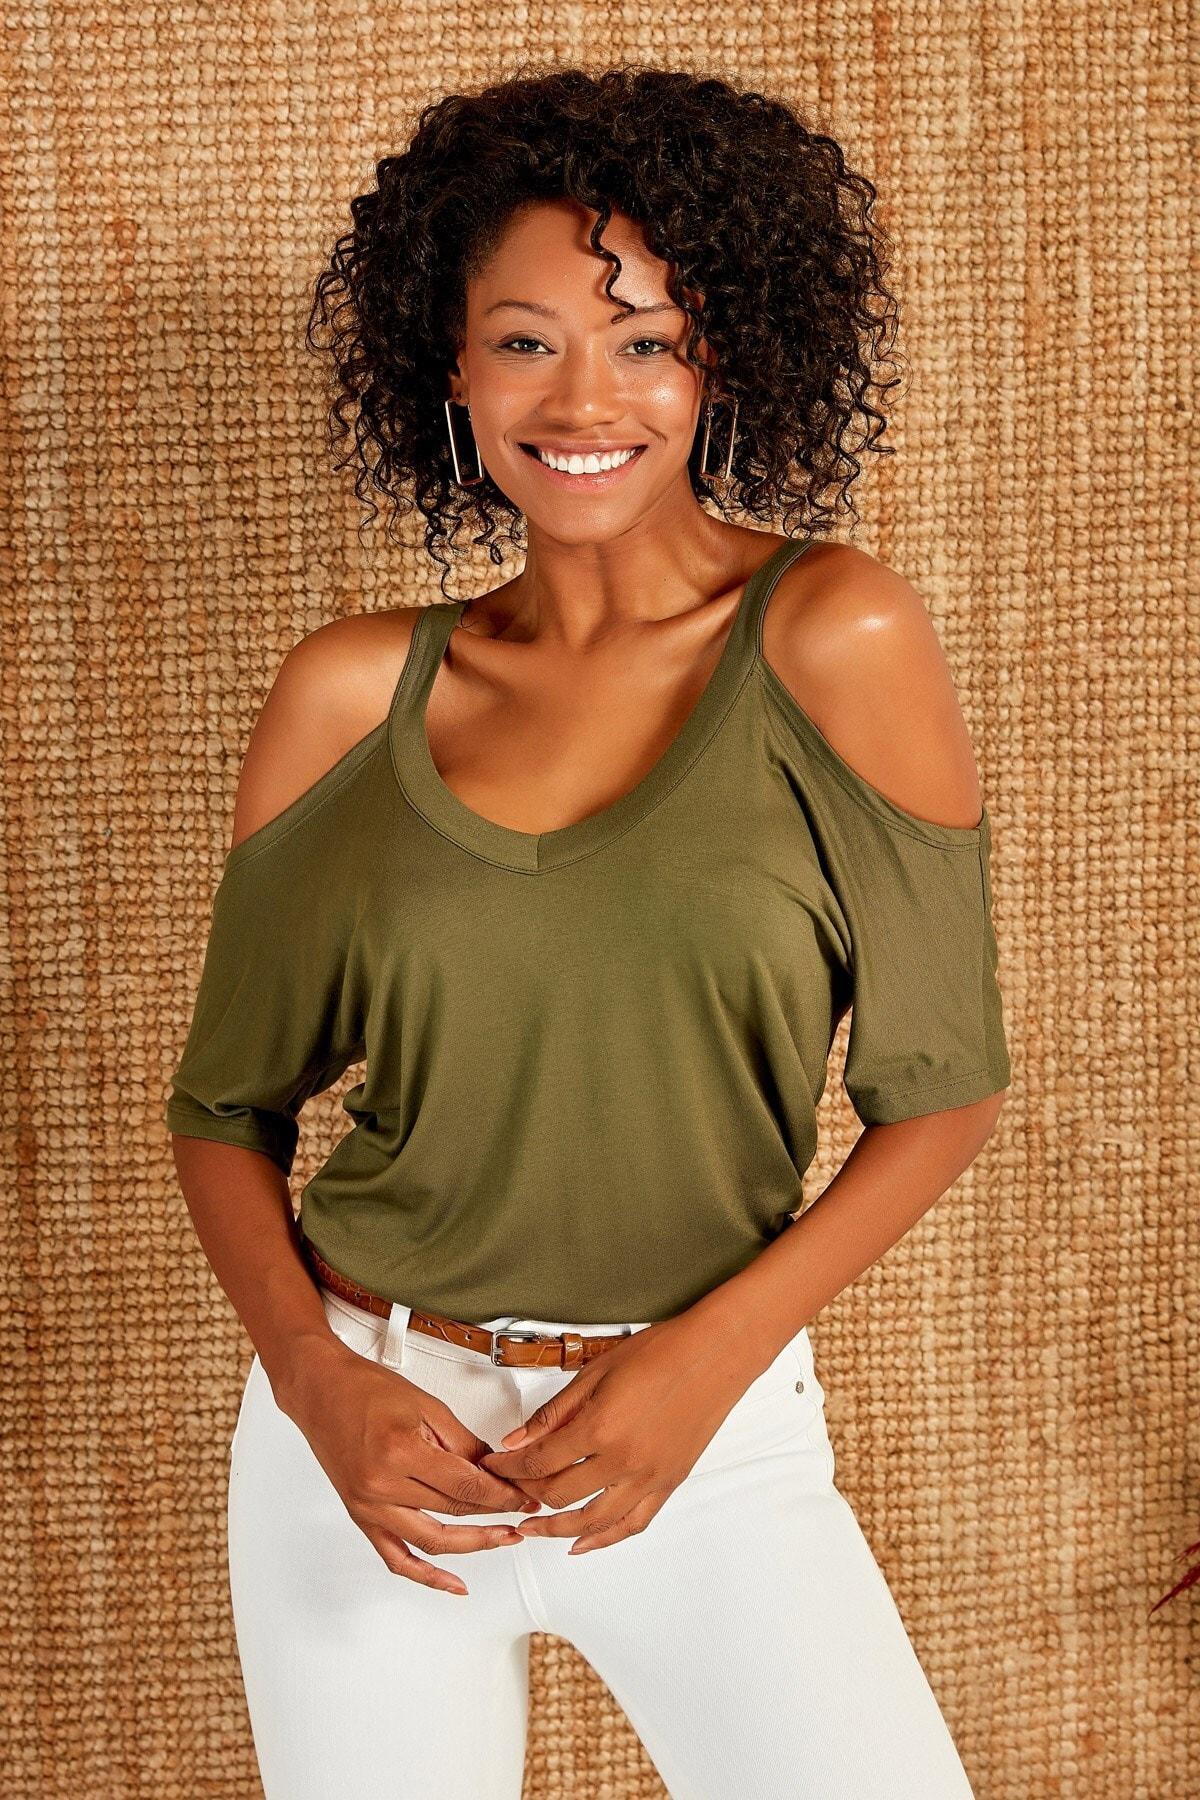 Boutiquen Kadın Haki Yeşili V Yaka Omuz Detaylı Bluz 1175